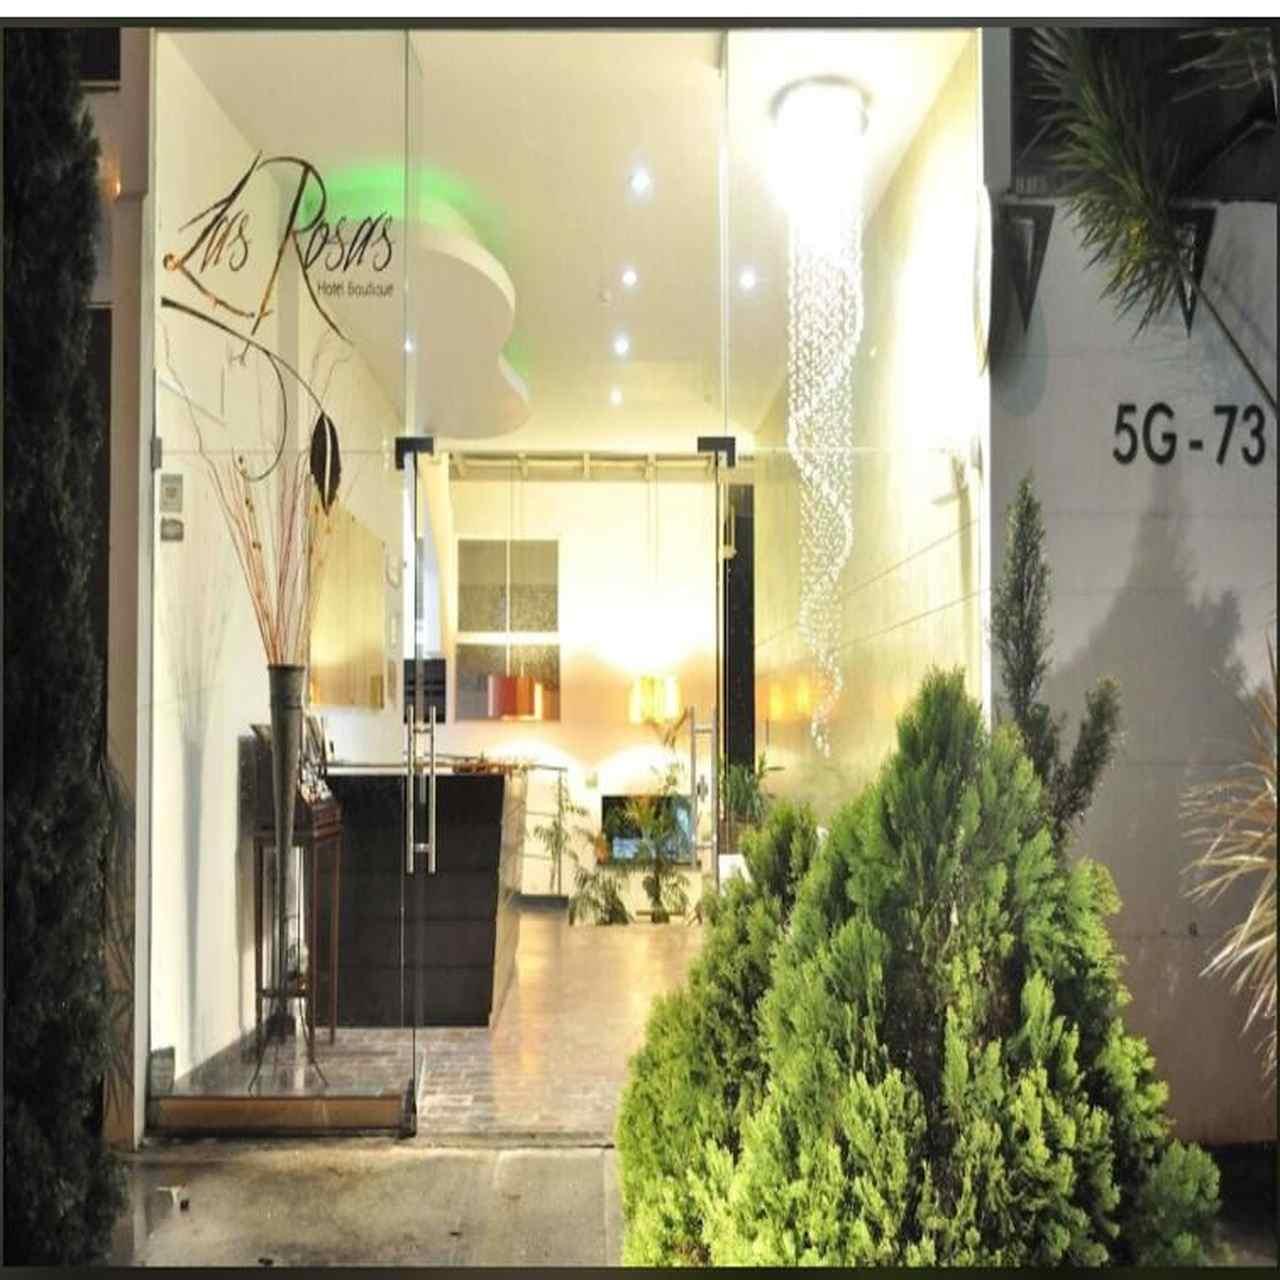 Las Rosas Hotel Boutique  en El Poblado : MotelNow